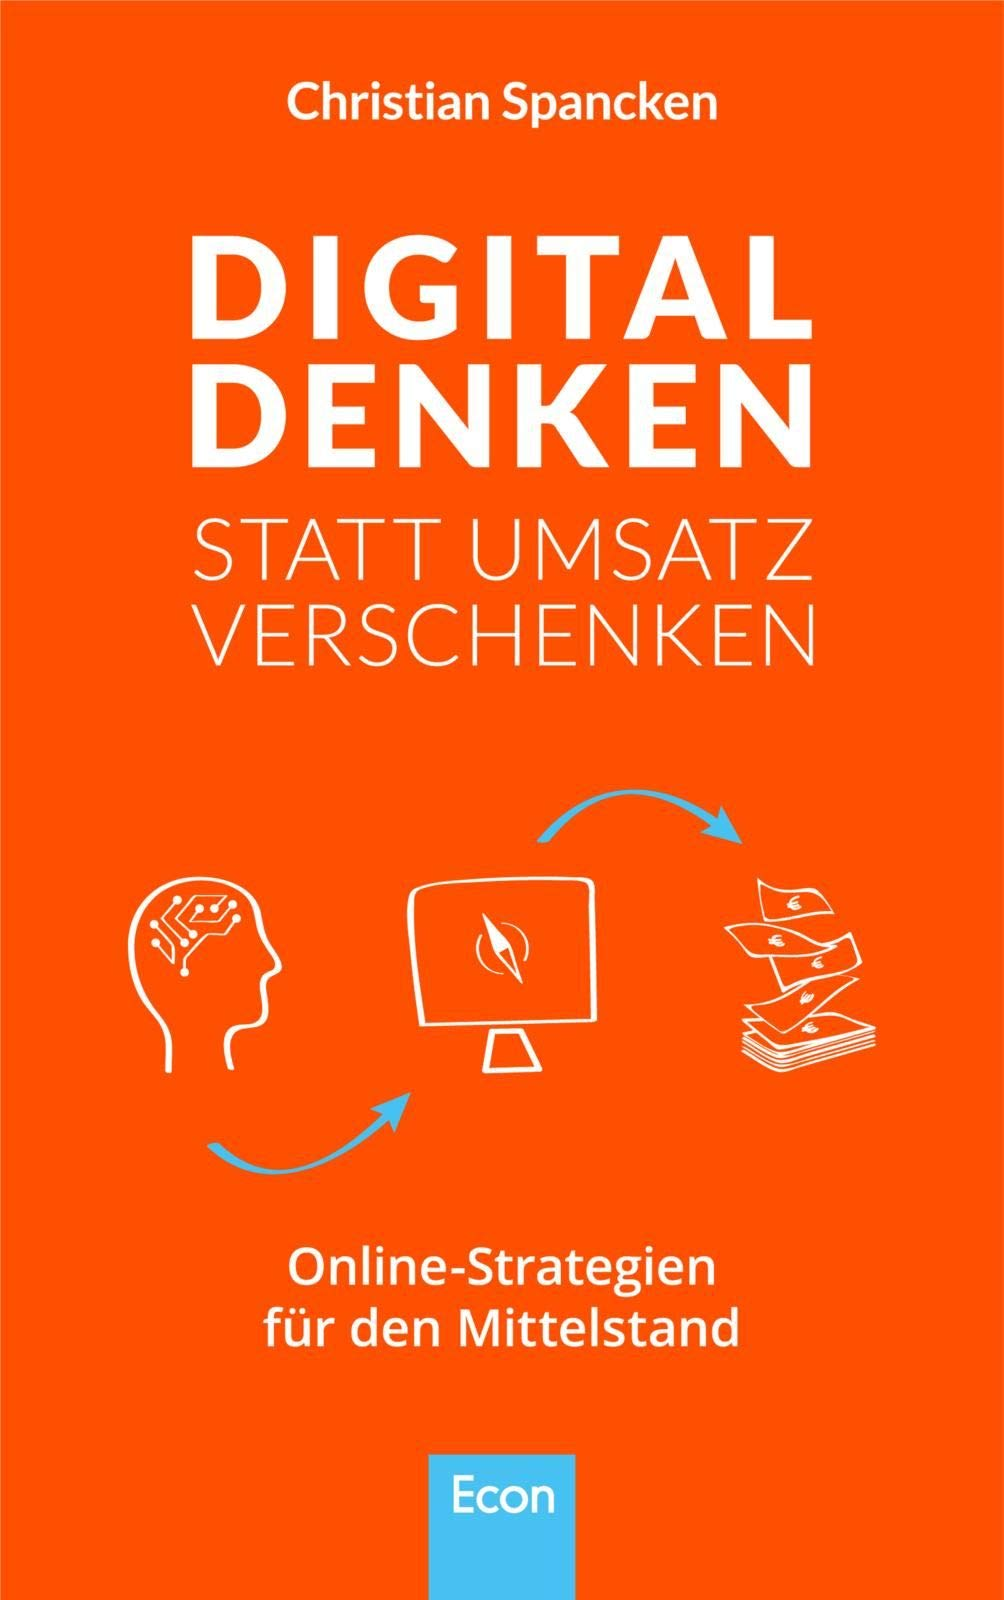 Digital denken statt Umsatz verschenken: Online-Strategien ...